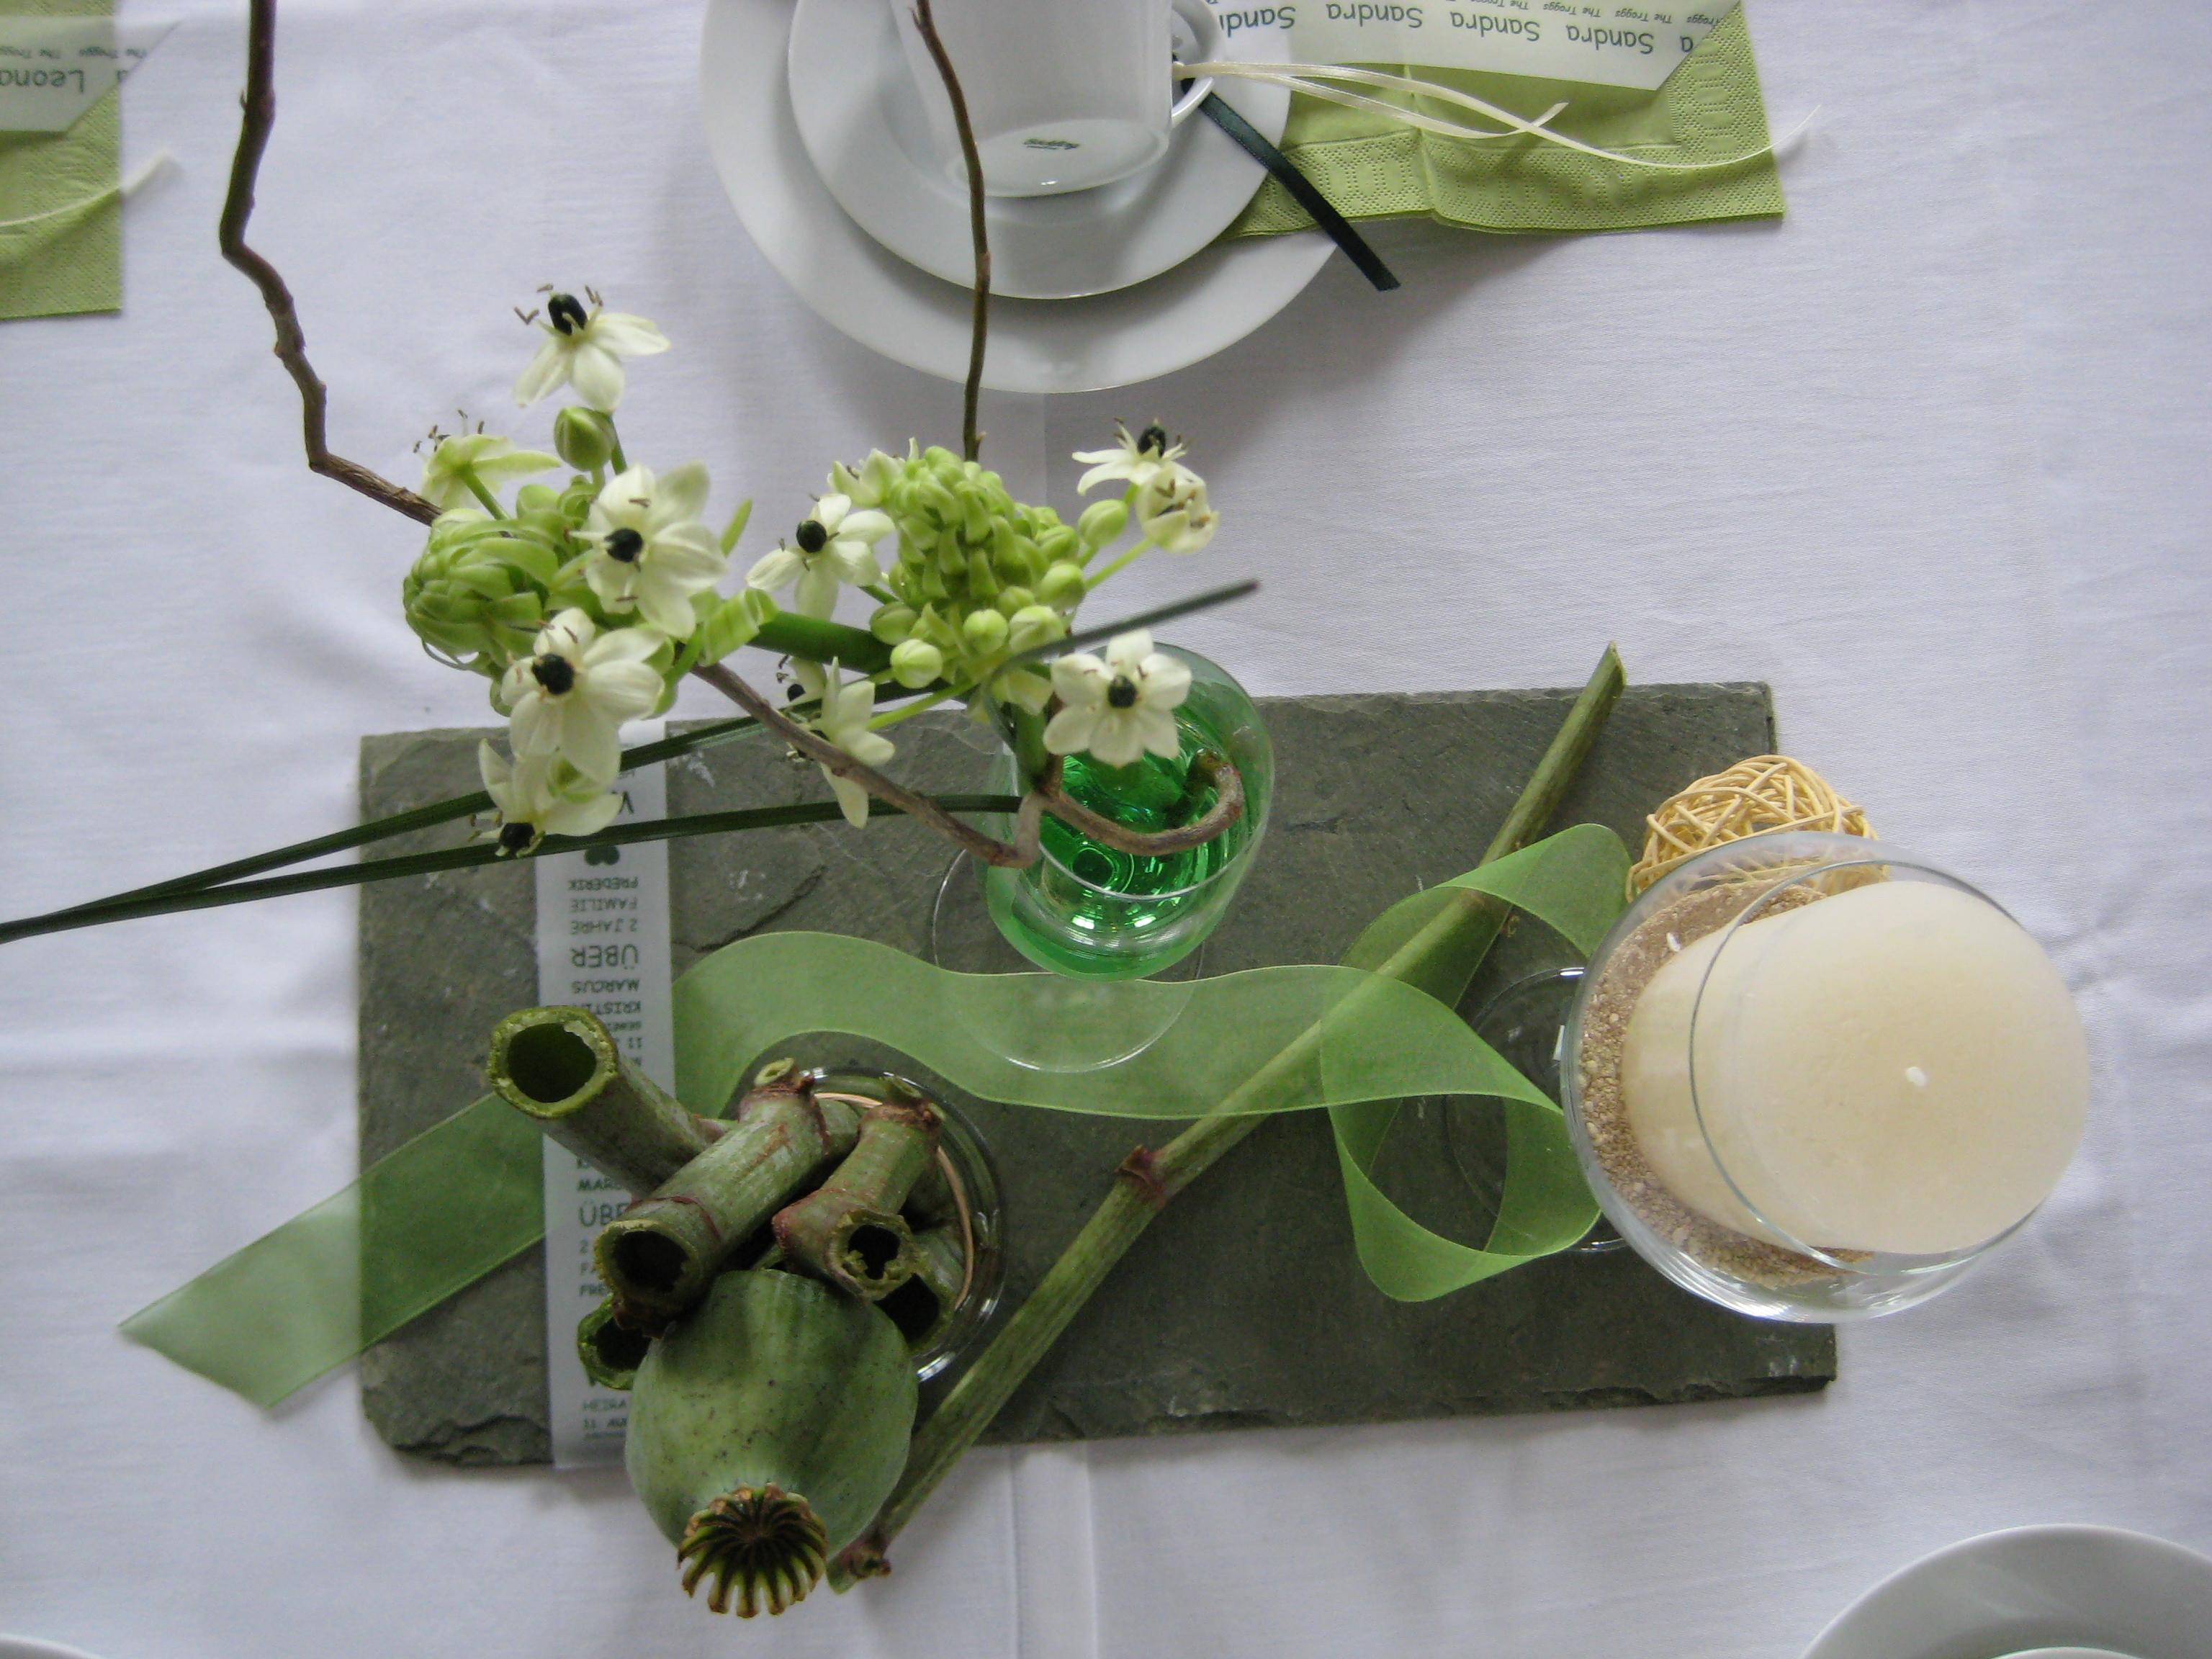 Pin tischideen mit glas moderne glasgef e trendig - Moderne glasvasen ...